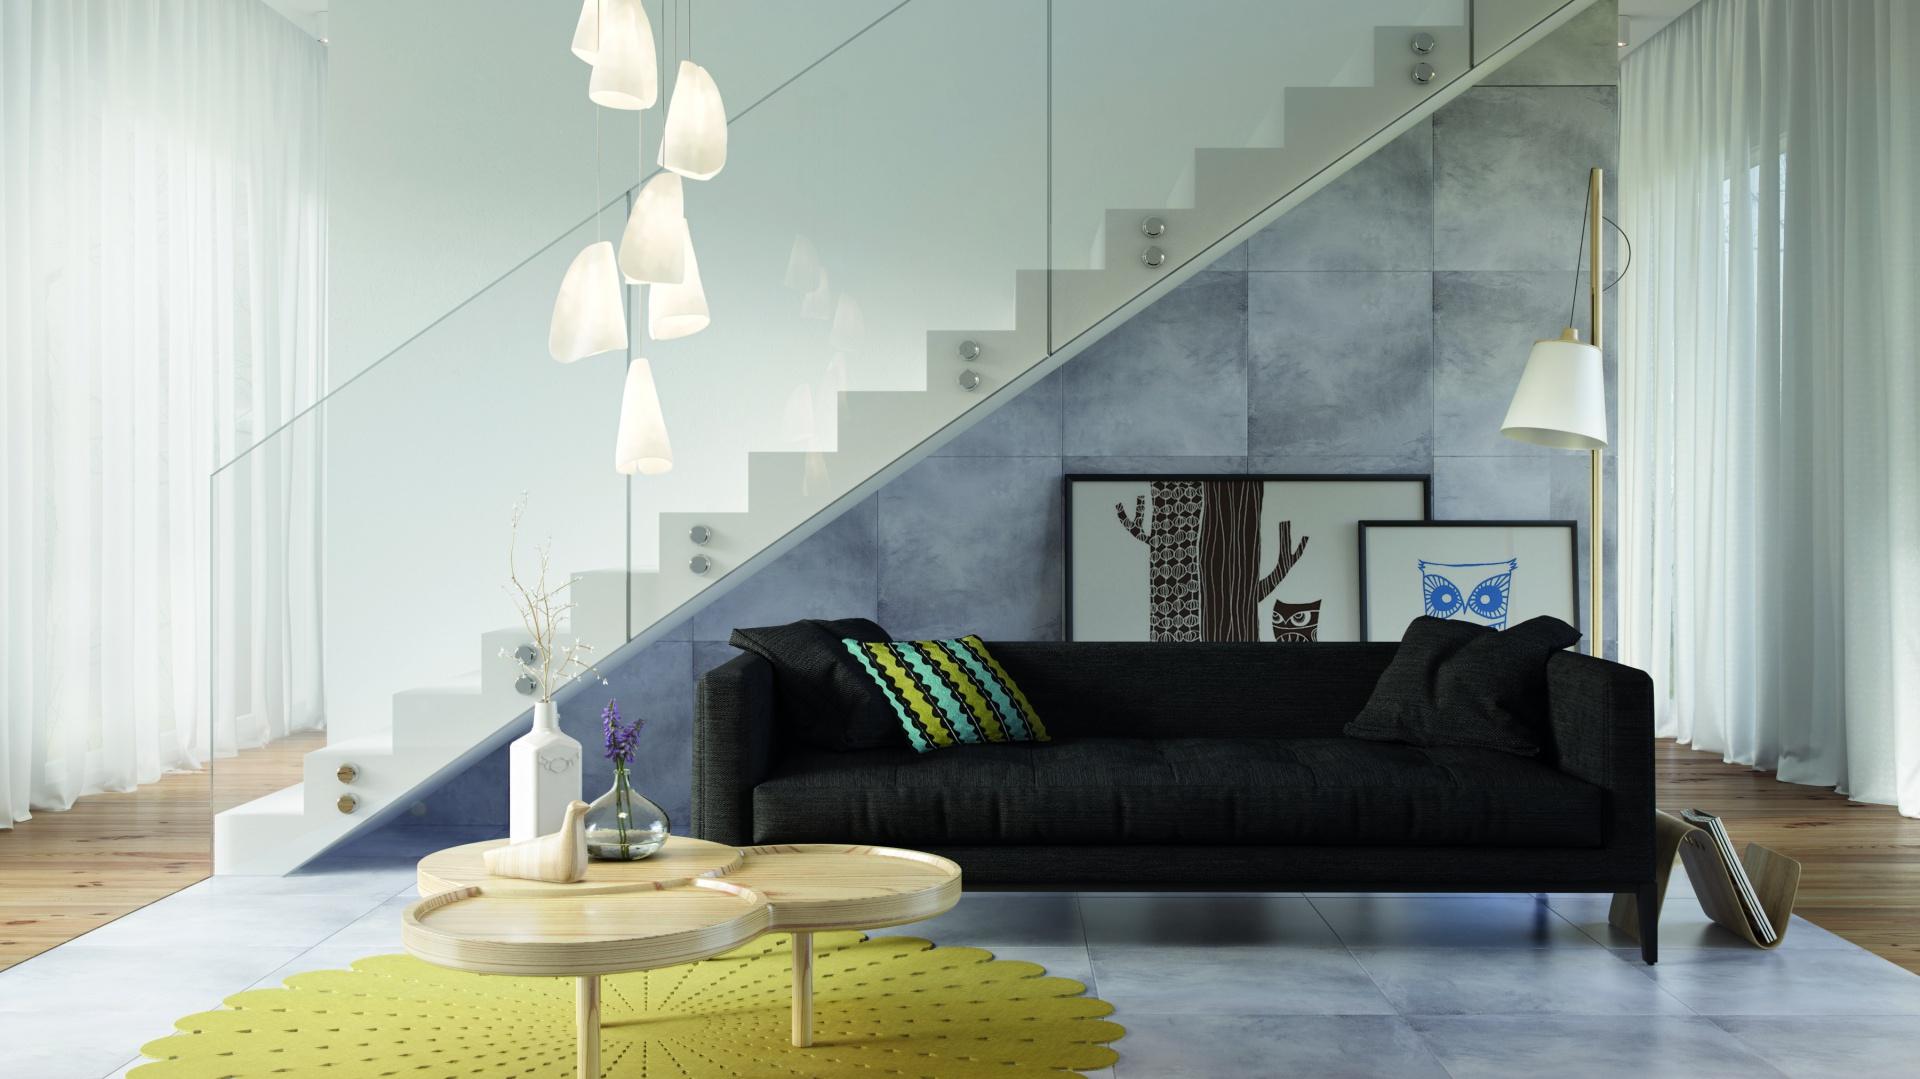 Gres szkliwiony SKY (60x60 cm) ozdobiony rysunkiem inspirowanym wyglądem betonu zapewnia wnętrzom loftowy, a jednocześnie przytulny klimat. Świetnie wygląda w zestawieniu z drewnem. Do wyboru płytka w satynowym lub błyszczącym wykończeniu. Ok. 89 zł/m². Fot. Ceramstic